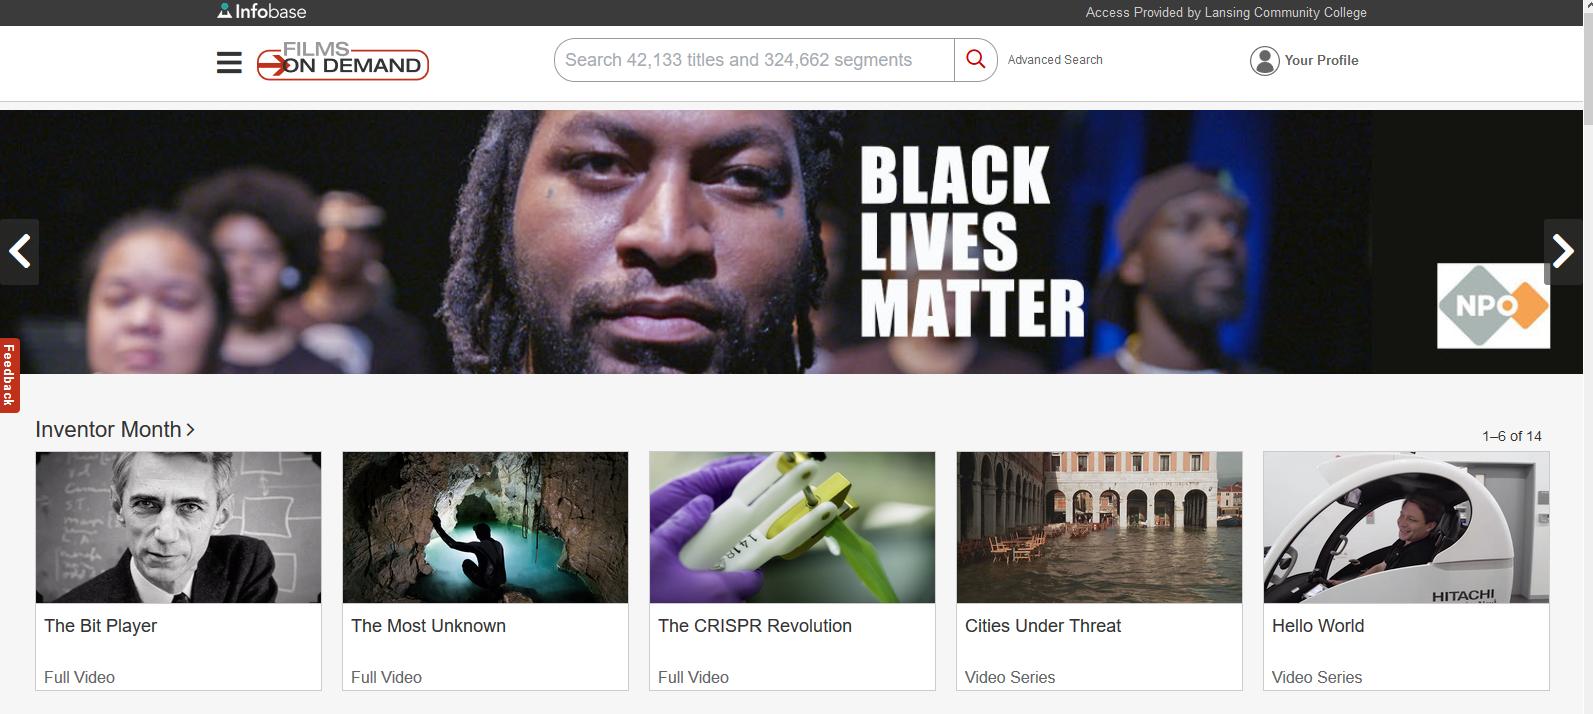 Banner for Films on Demand: Black Lives Matter